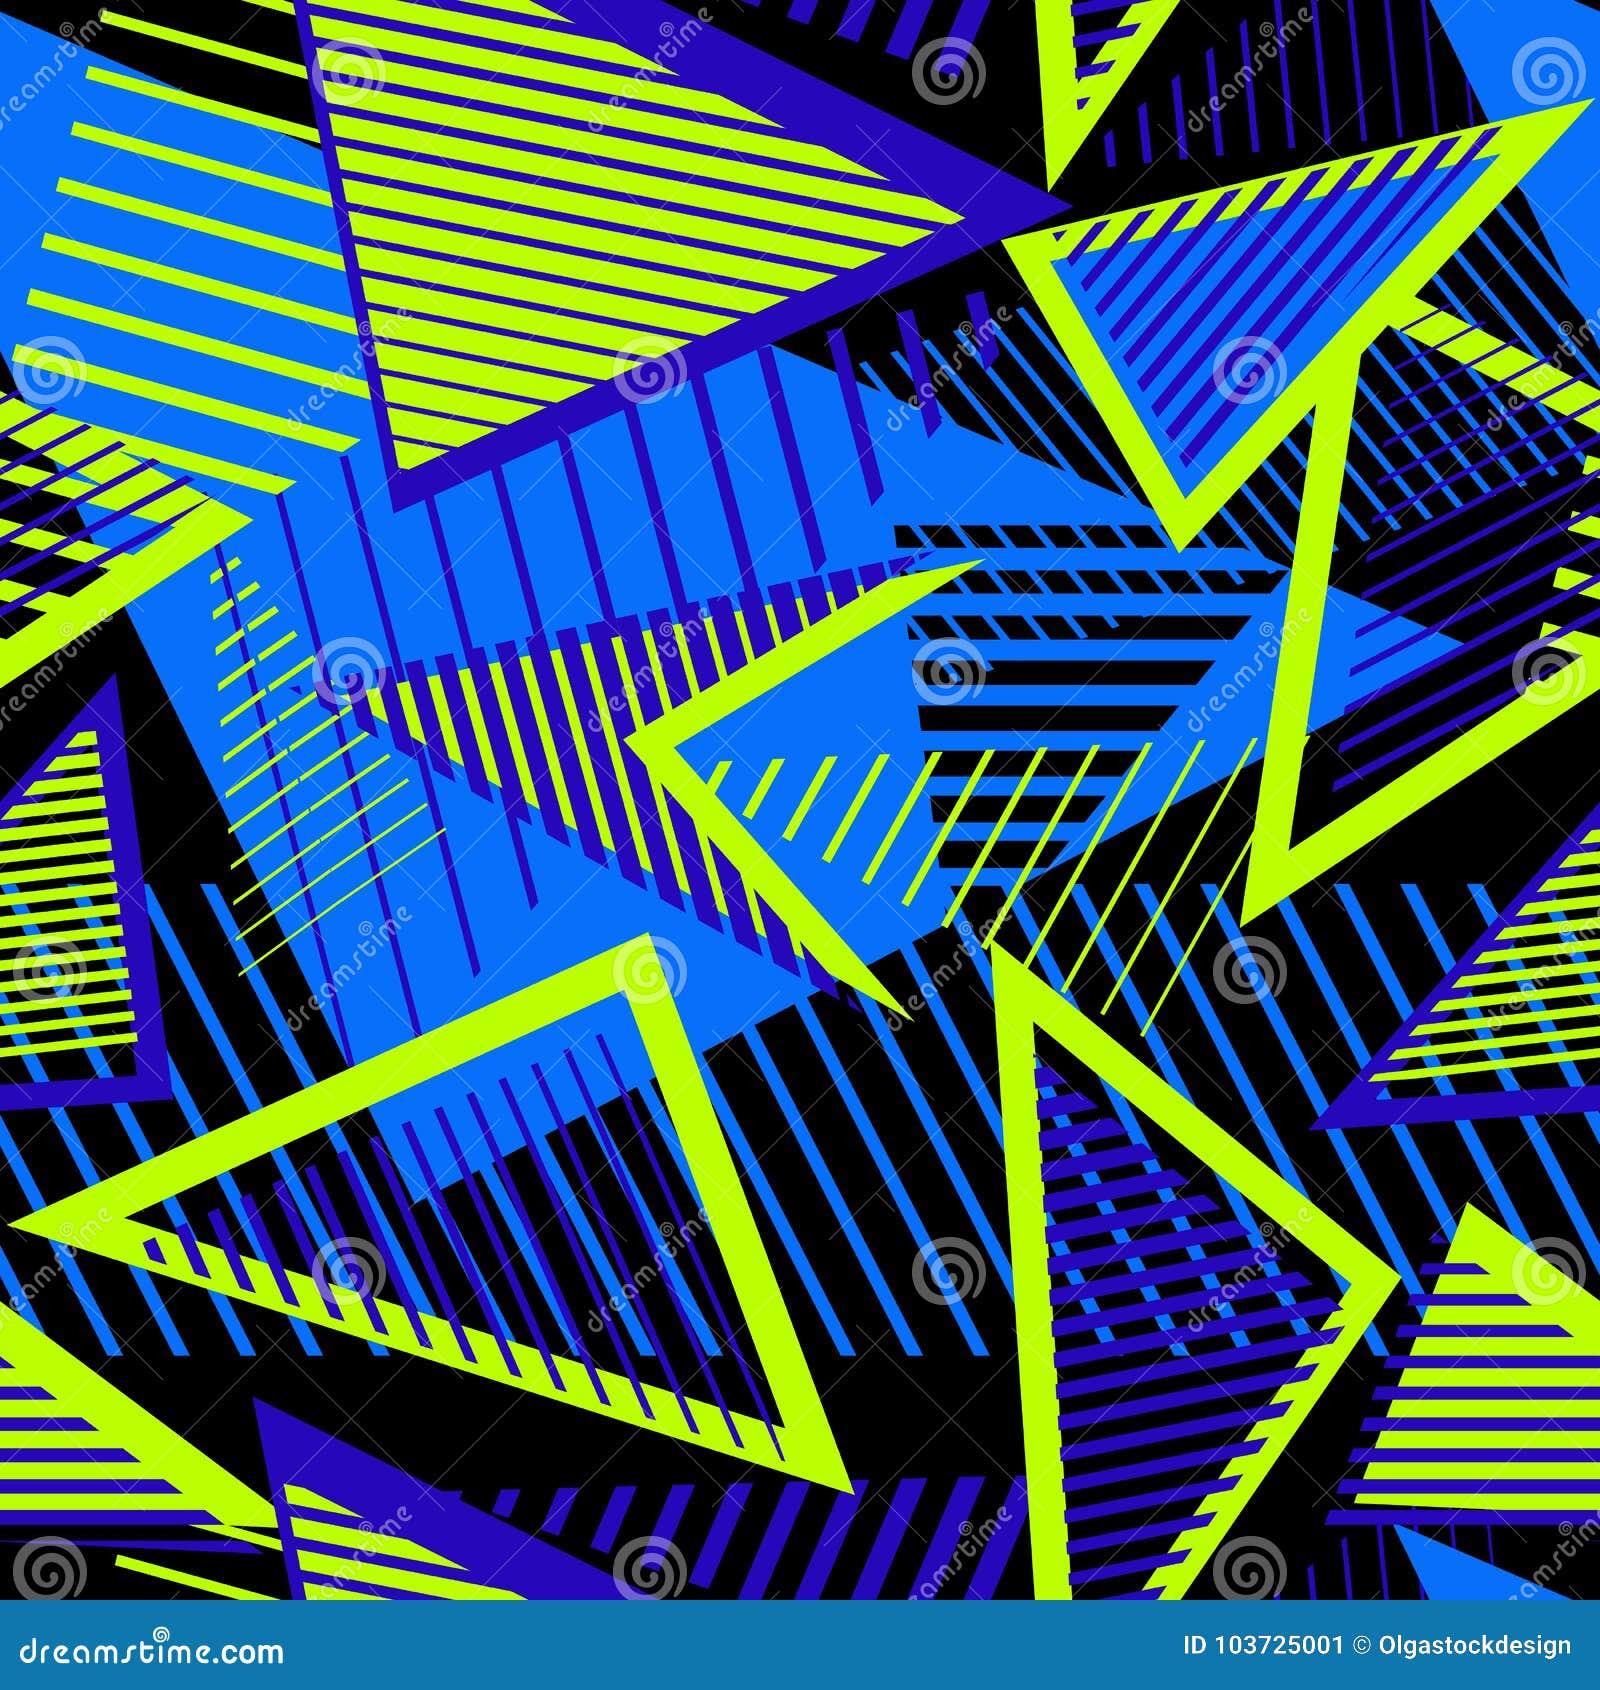 Modelo urbano del extracto del deporte del arte con los elementos de neón, líneas, triángulos, rayas